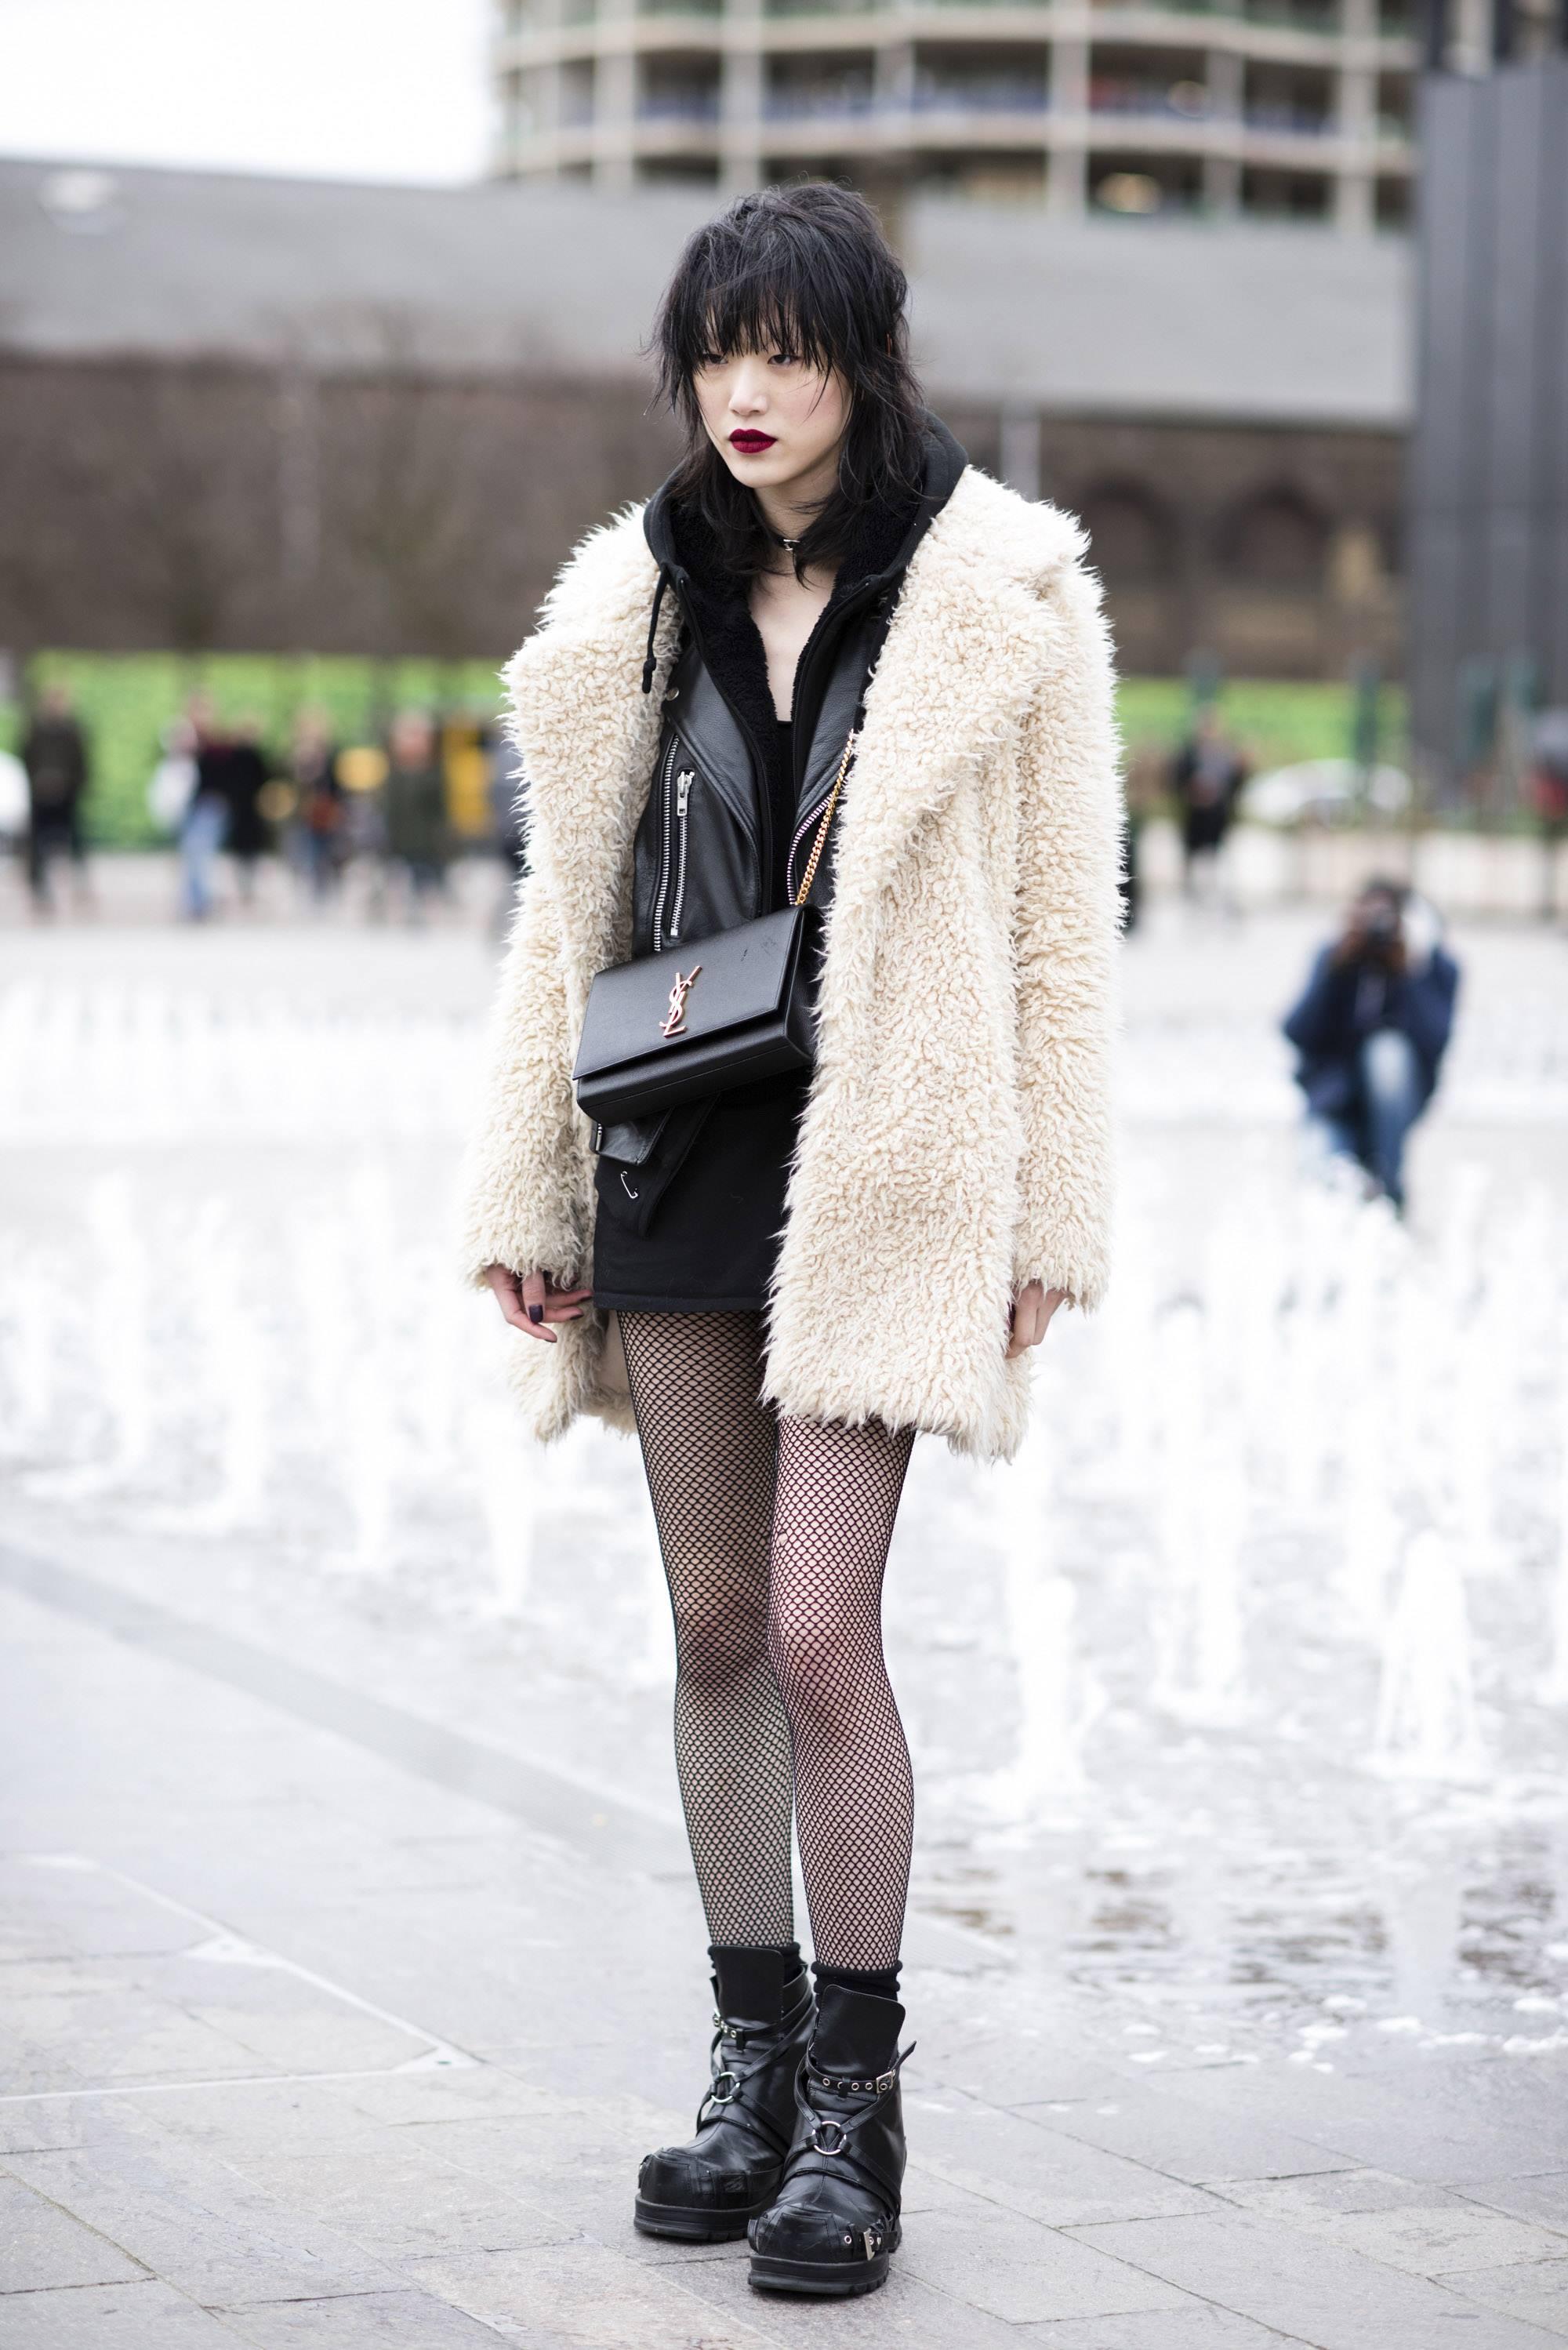 가죽 재킷과 퍼 코트, 미니스커트와 일명 '망사 스타킹' 그리고 워커로 마무리한 모델 최소라.